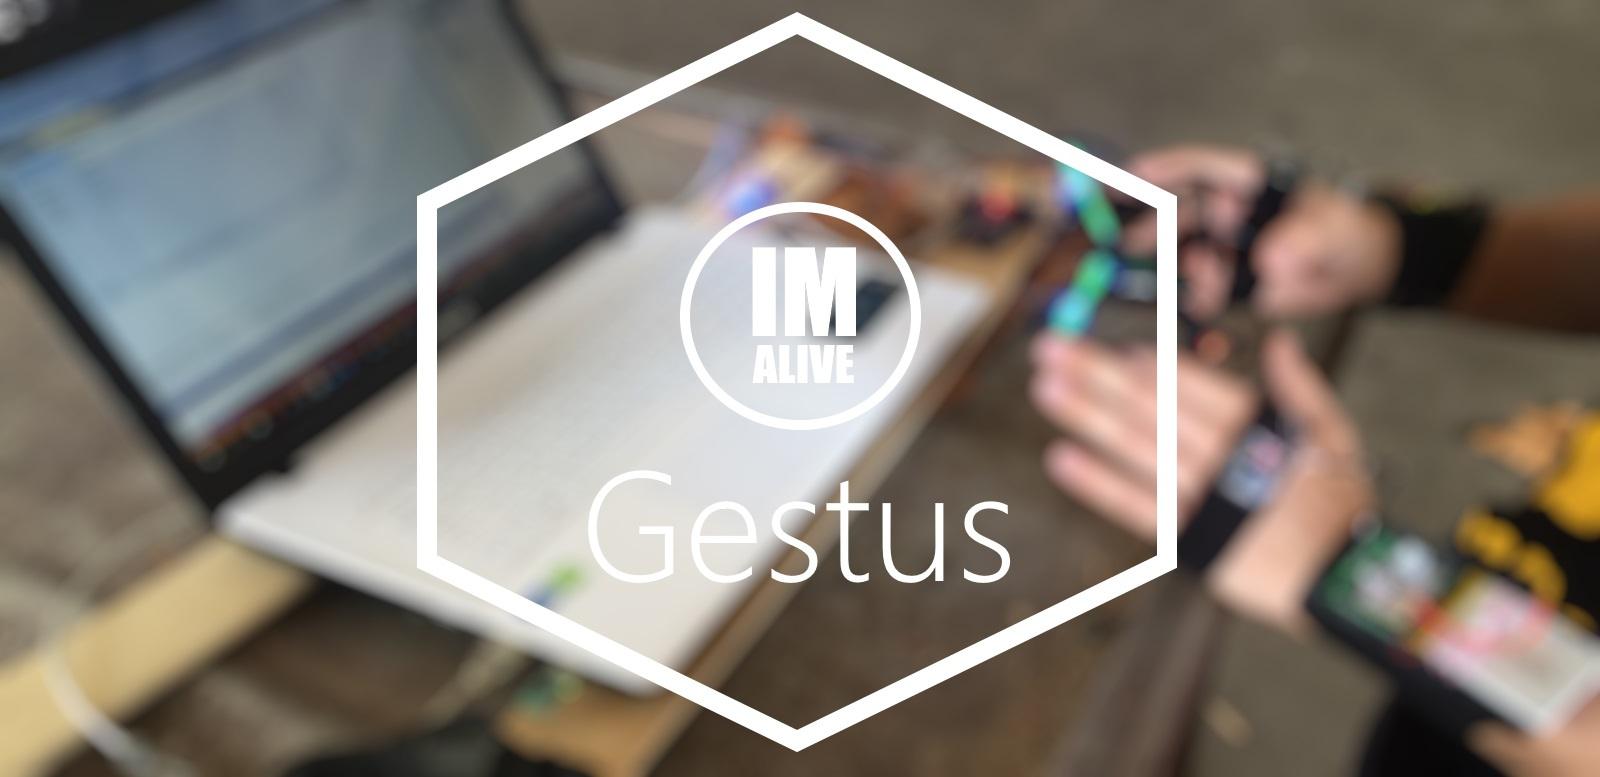 Gestus — контроль радиоуправляемых моделей с помощью жестов - 1